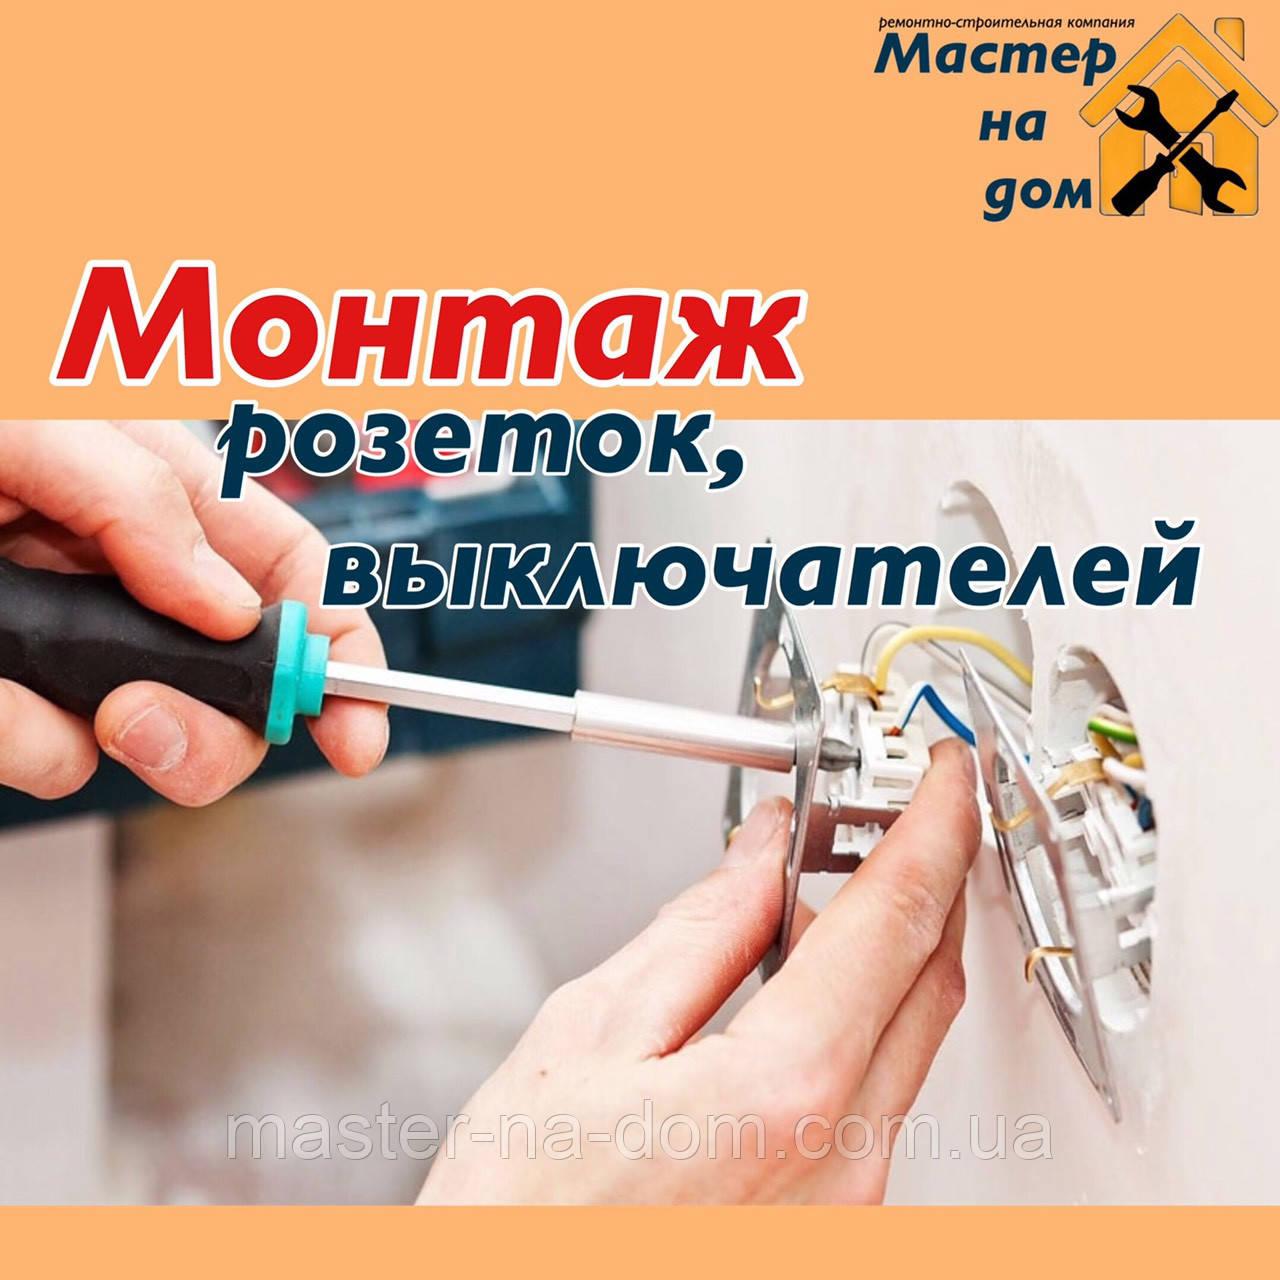 Монтаж розеток, вимикачів в Ужгороді